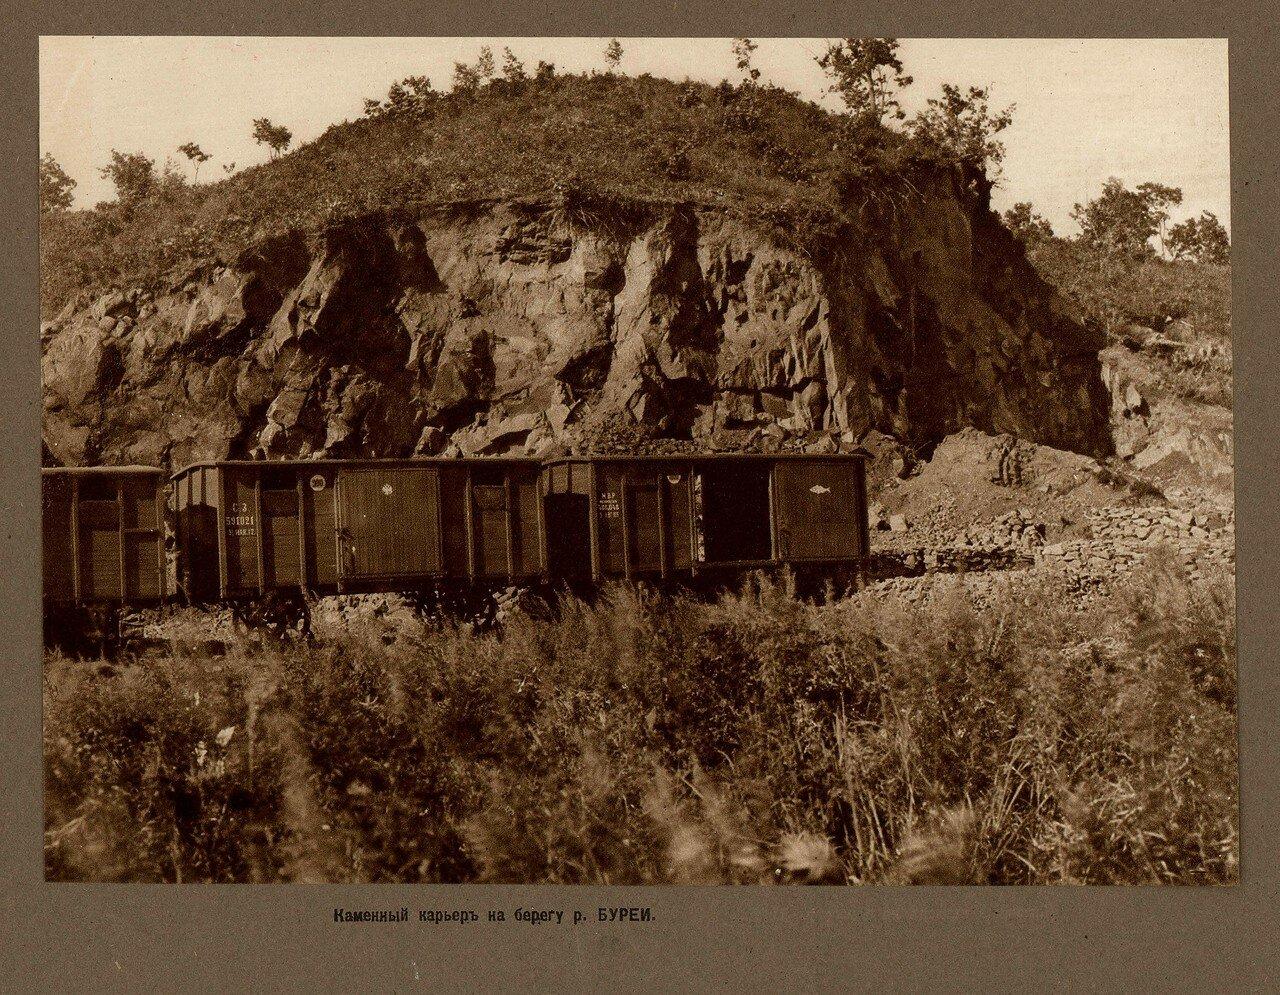 1911. Строительство моста через реку Бурею